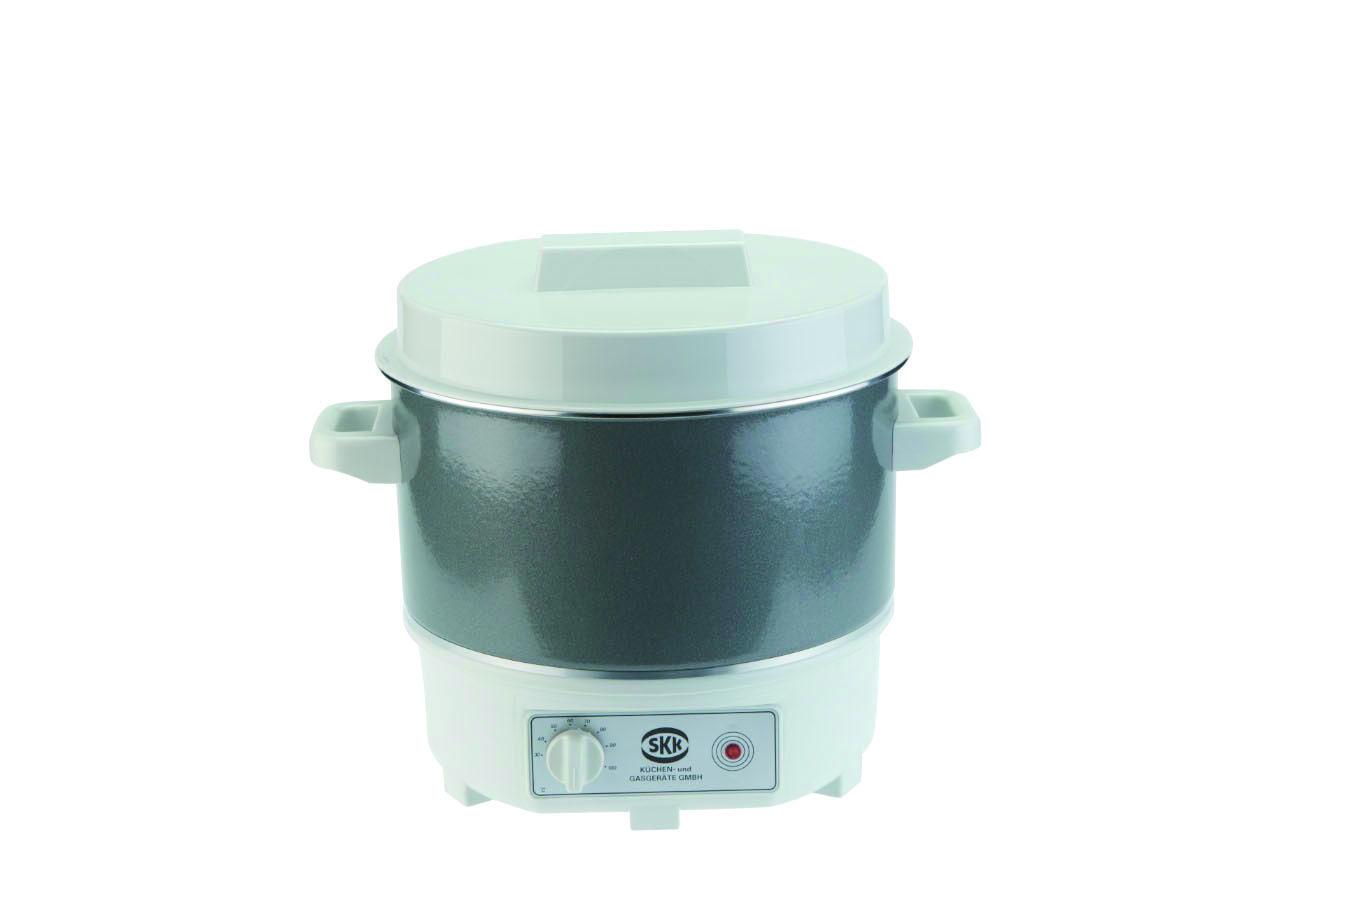 SKK profesionální hrnec na svařené víno či polévku 350/300 mm 16 litrů